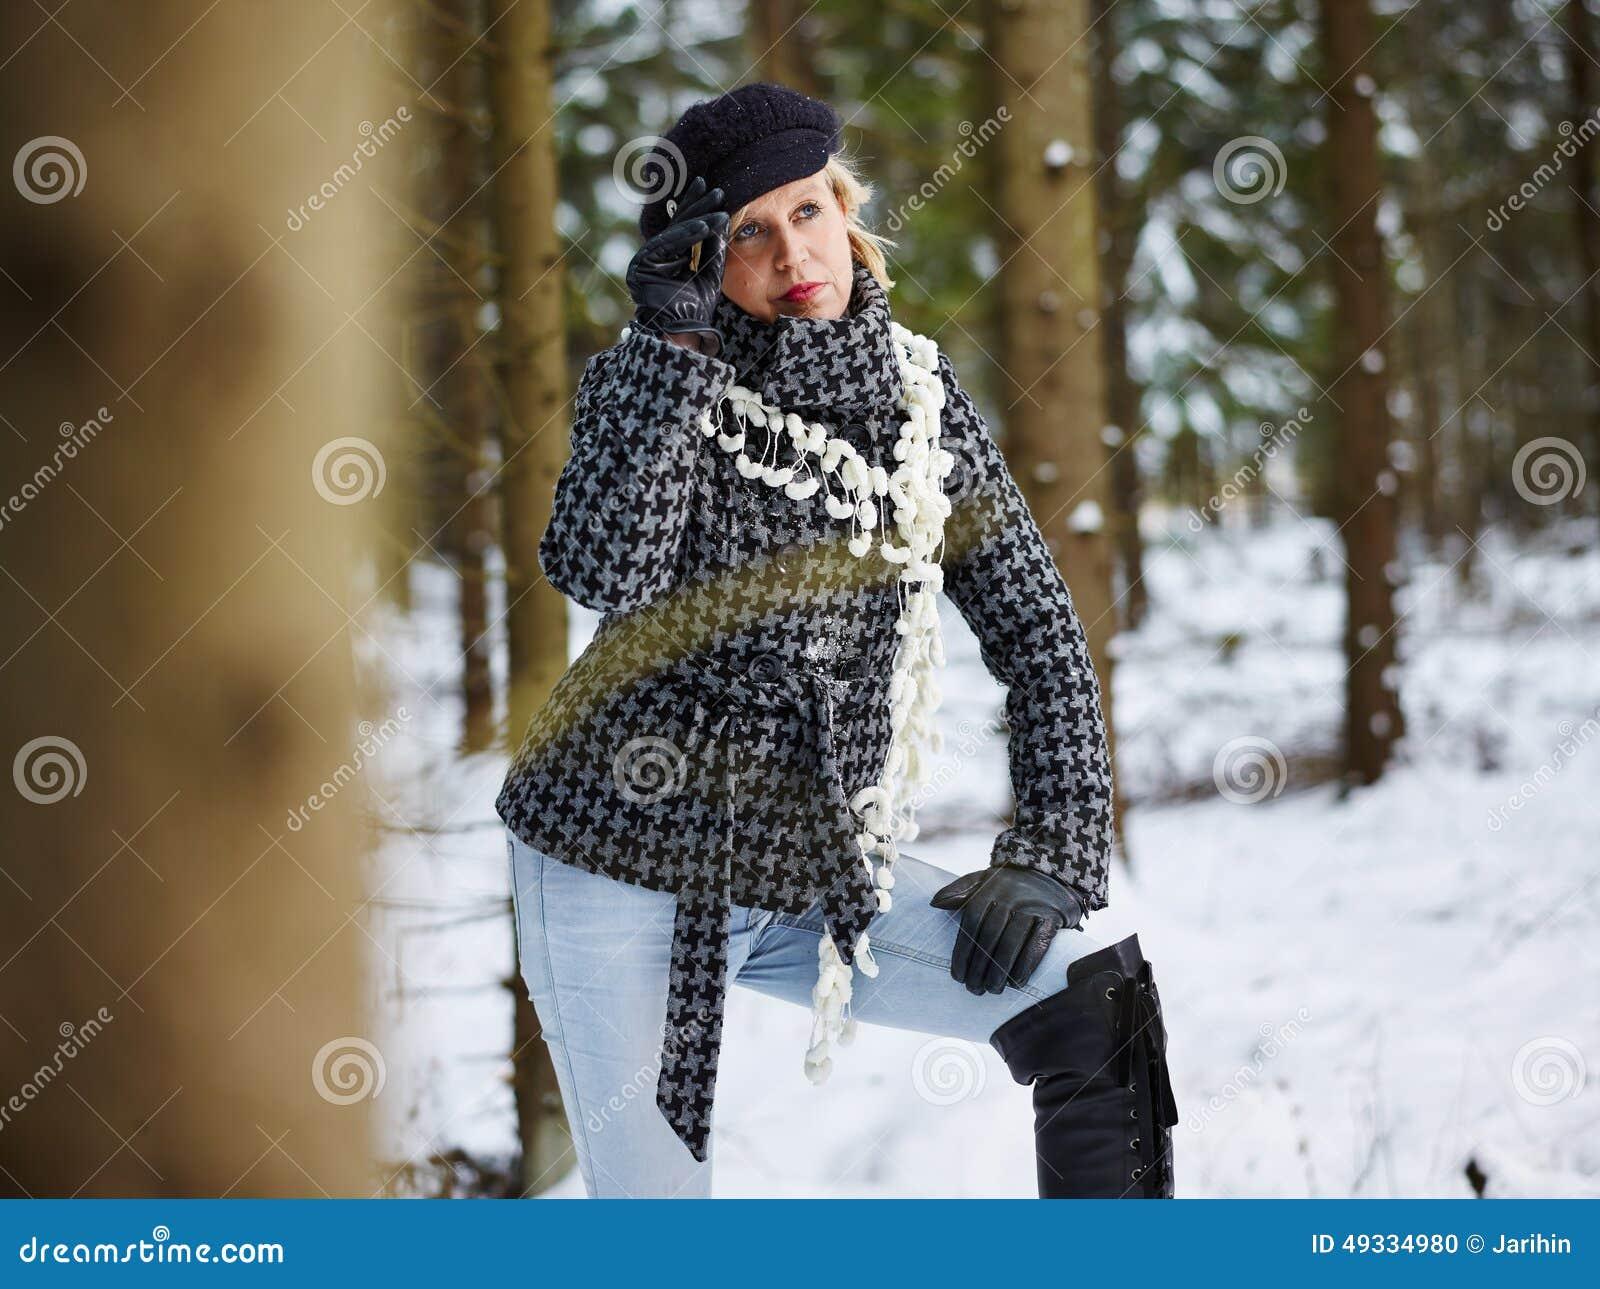 Ropa de la mujer de moda y del invierno - escena rural